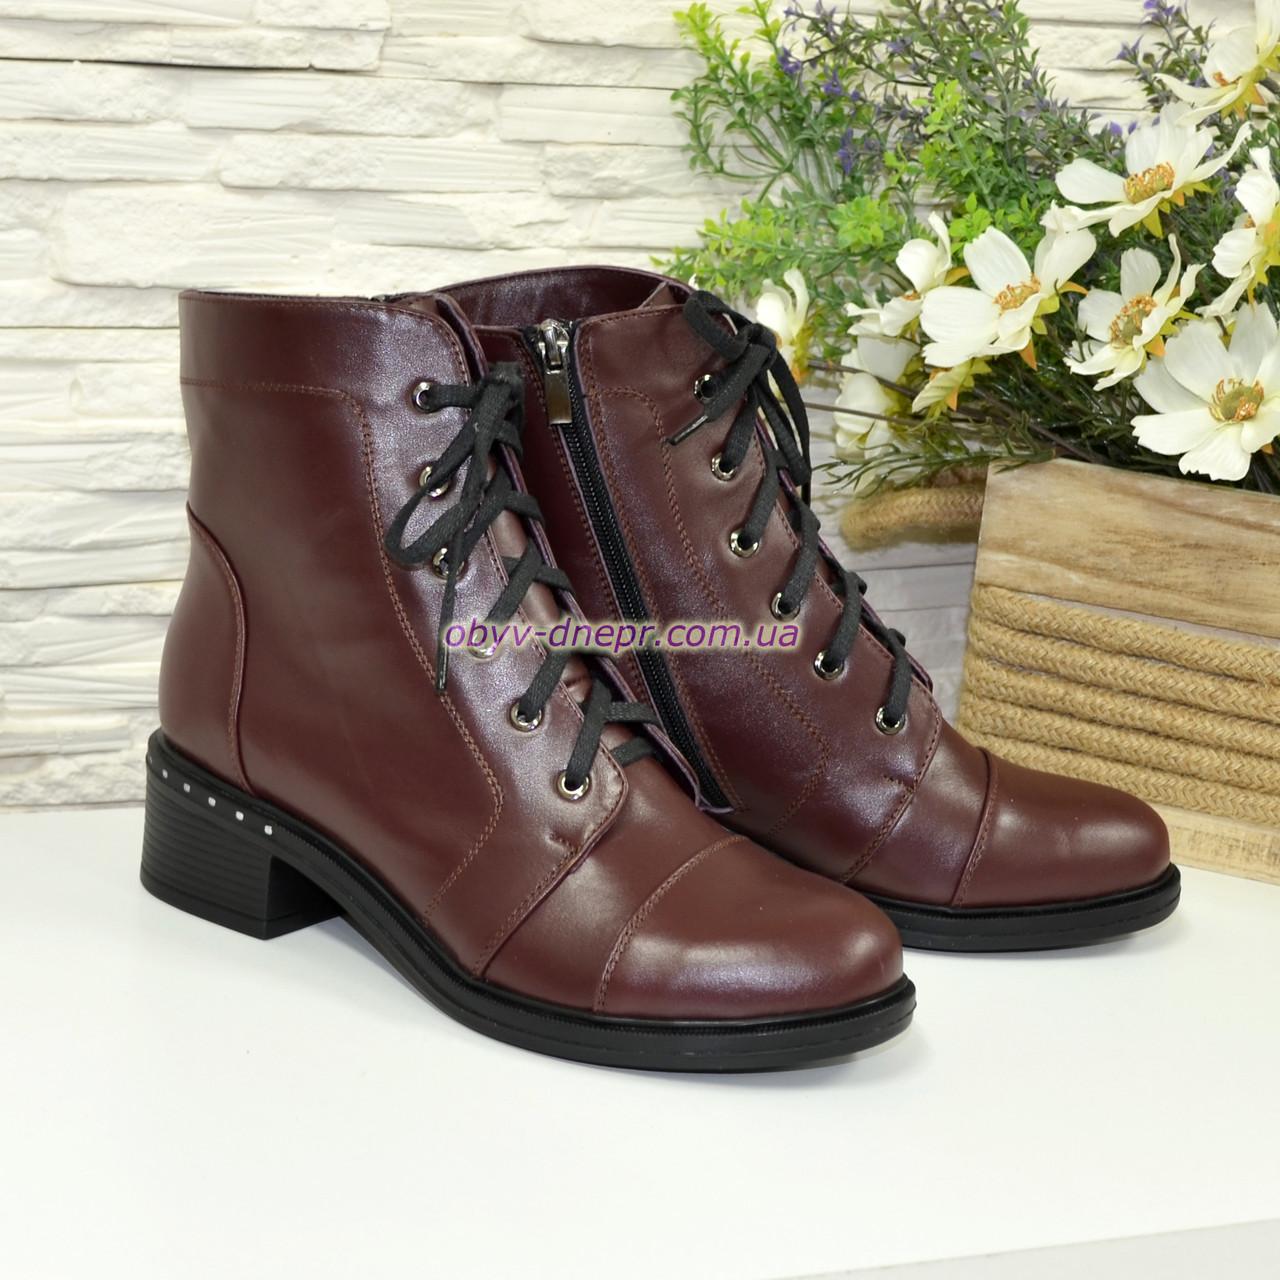 Ботинки женские демисезонные кожаные на невысоком каблуке, на шнурках